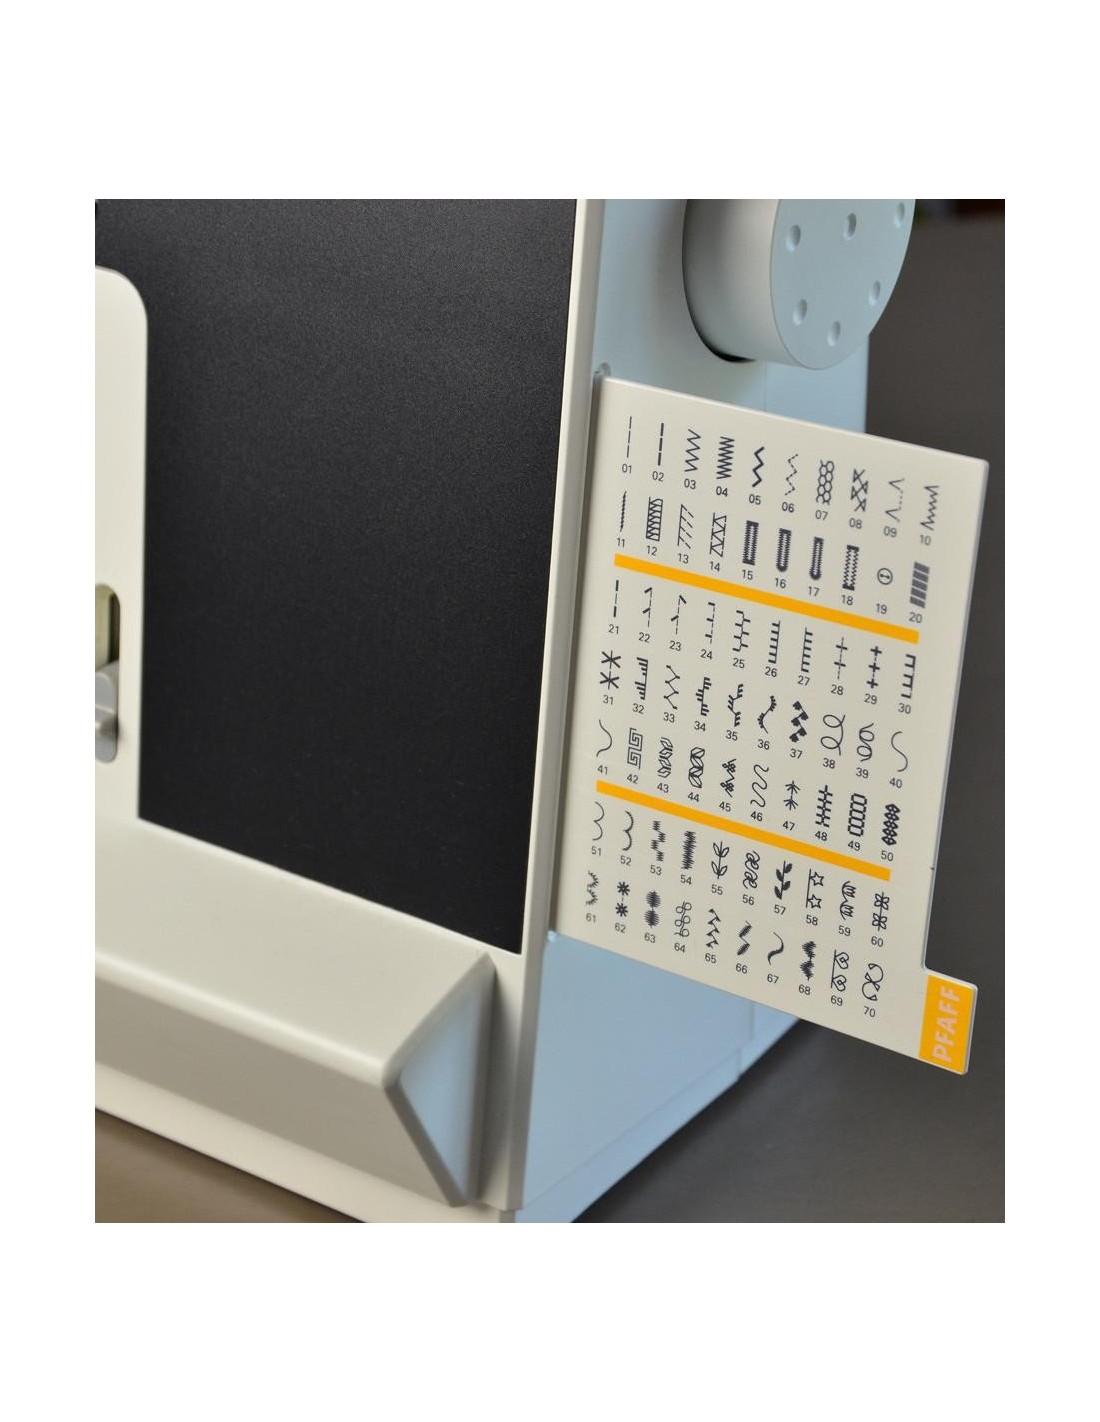 La comoda tabella punti della macchina da cucire Pfaff Passport